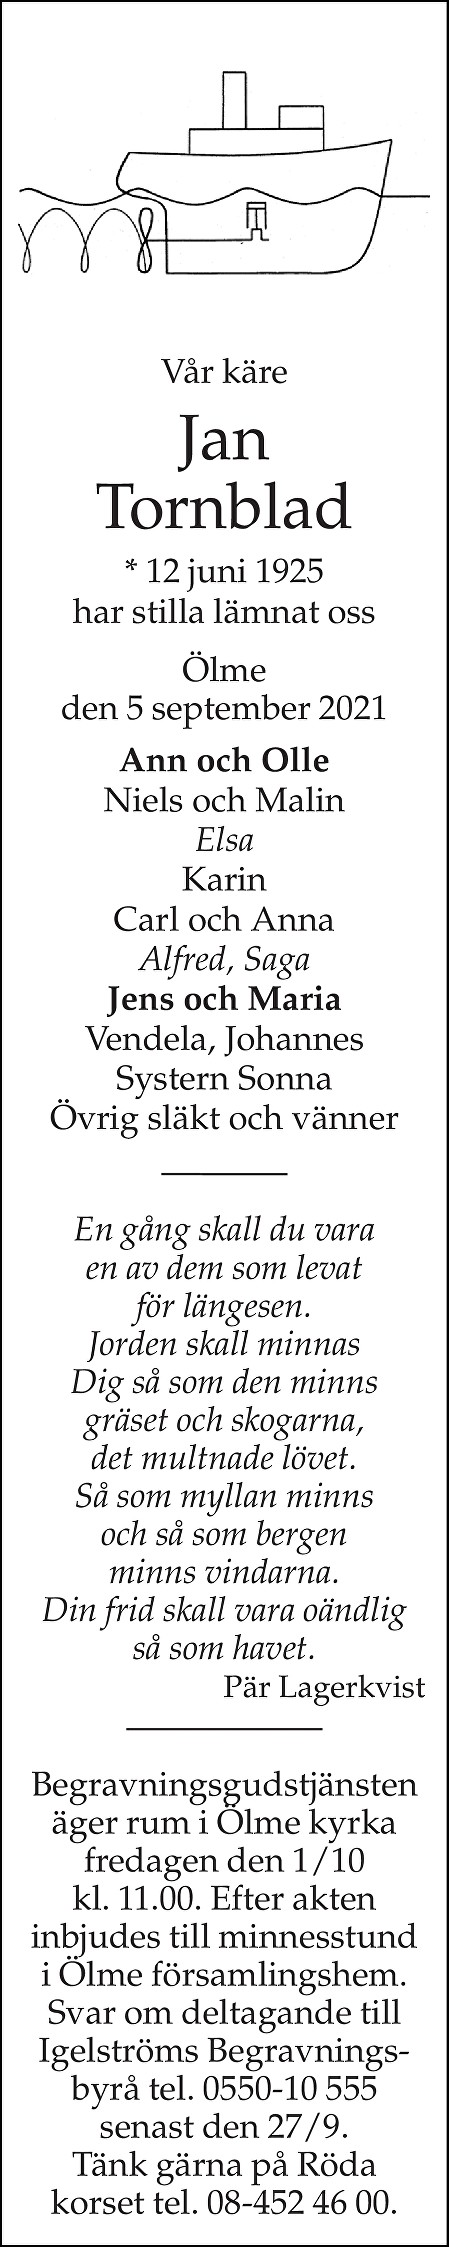 Jan Tornblad Death notice